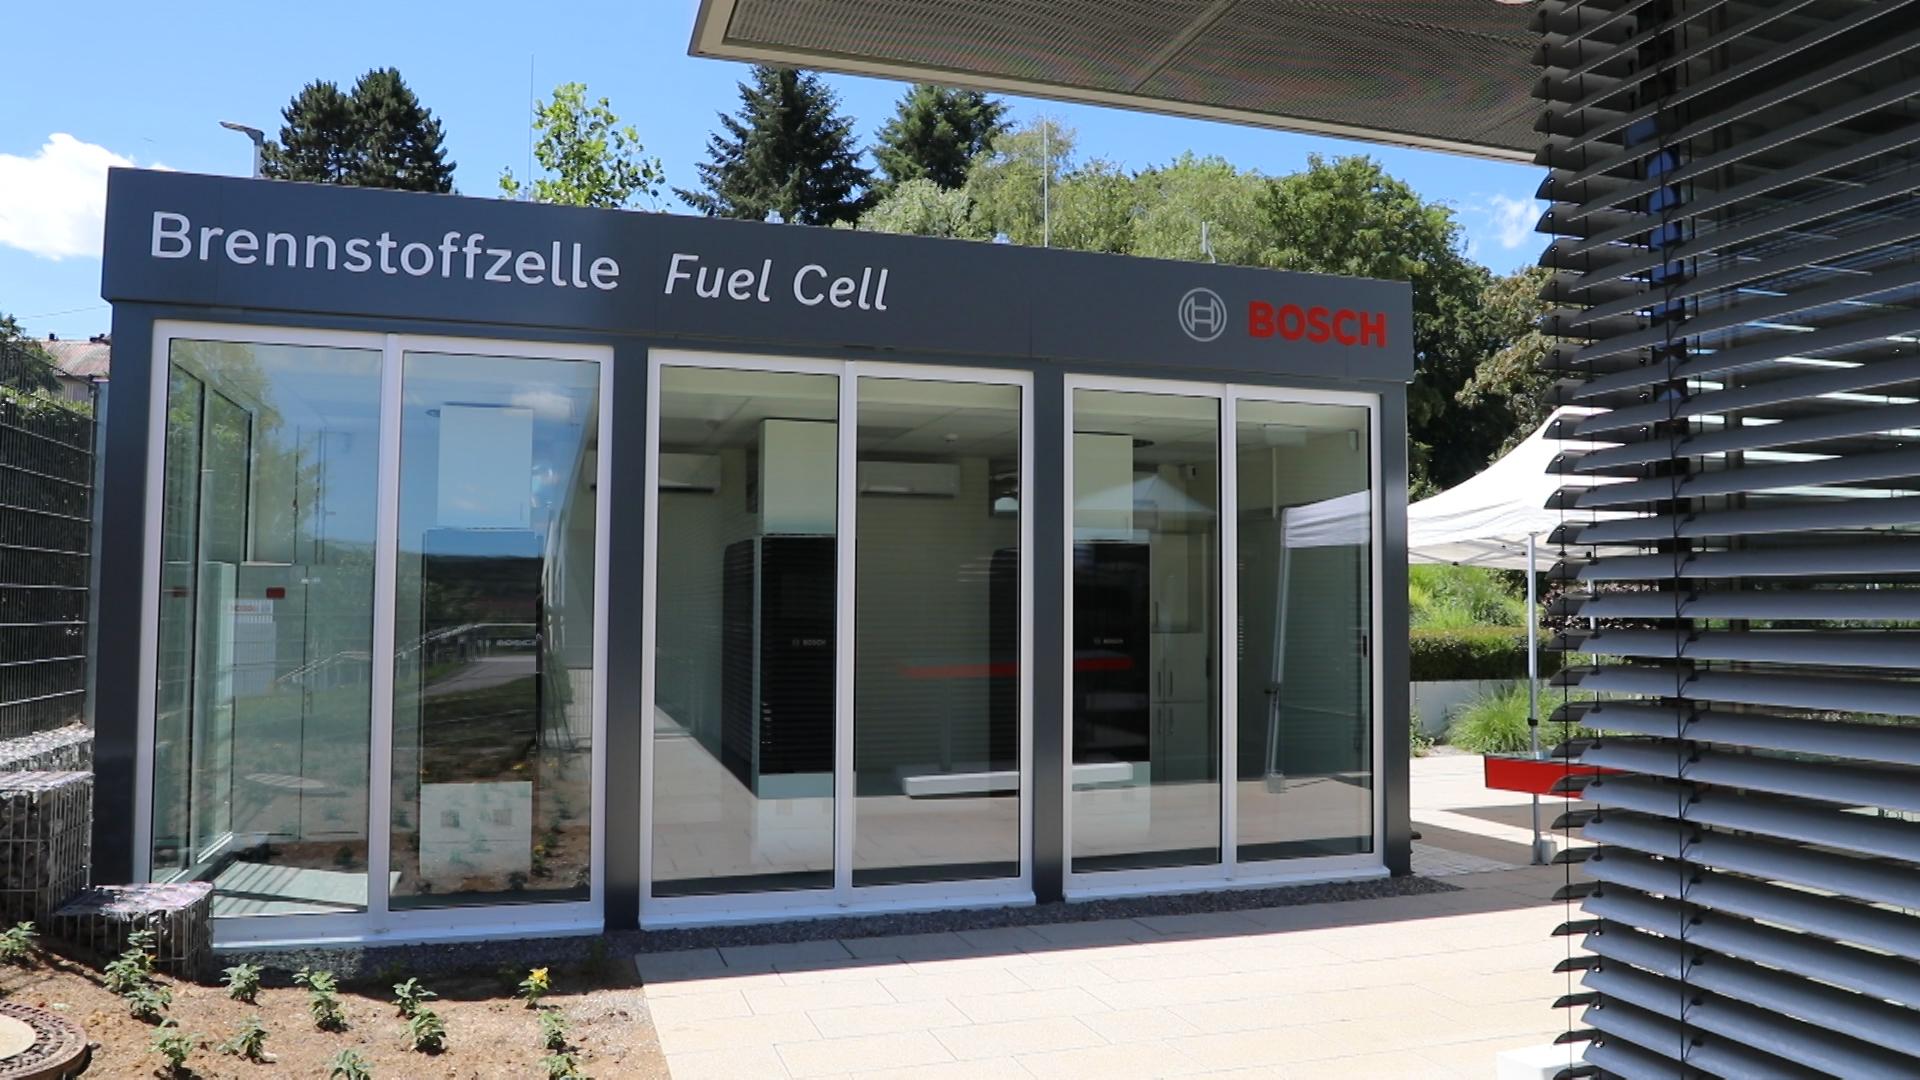 container brennstoffzelle